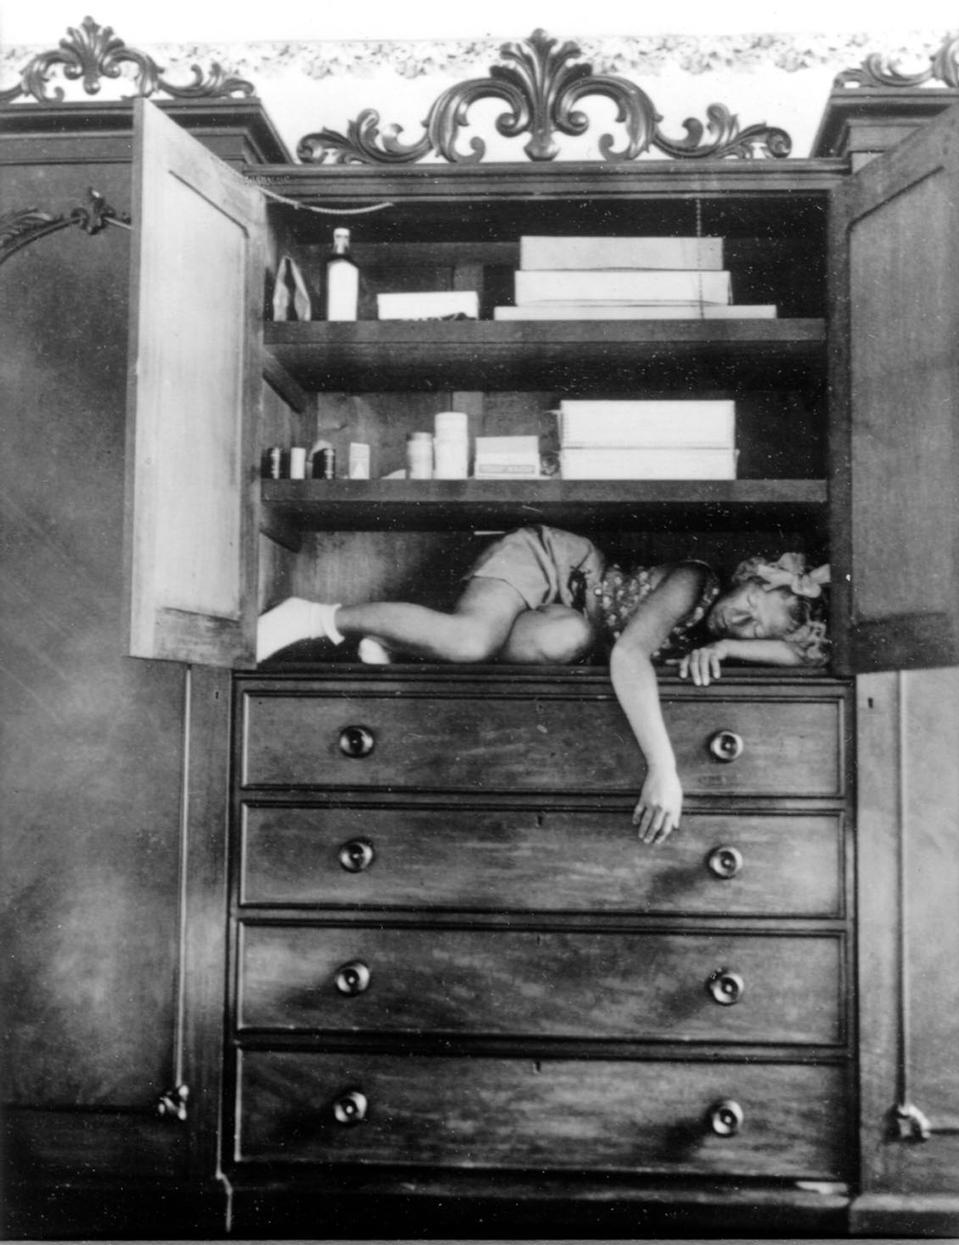 Photographie Autoportrait (1932) de Claude Cahun